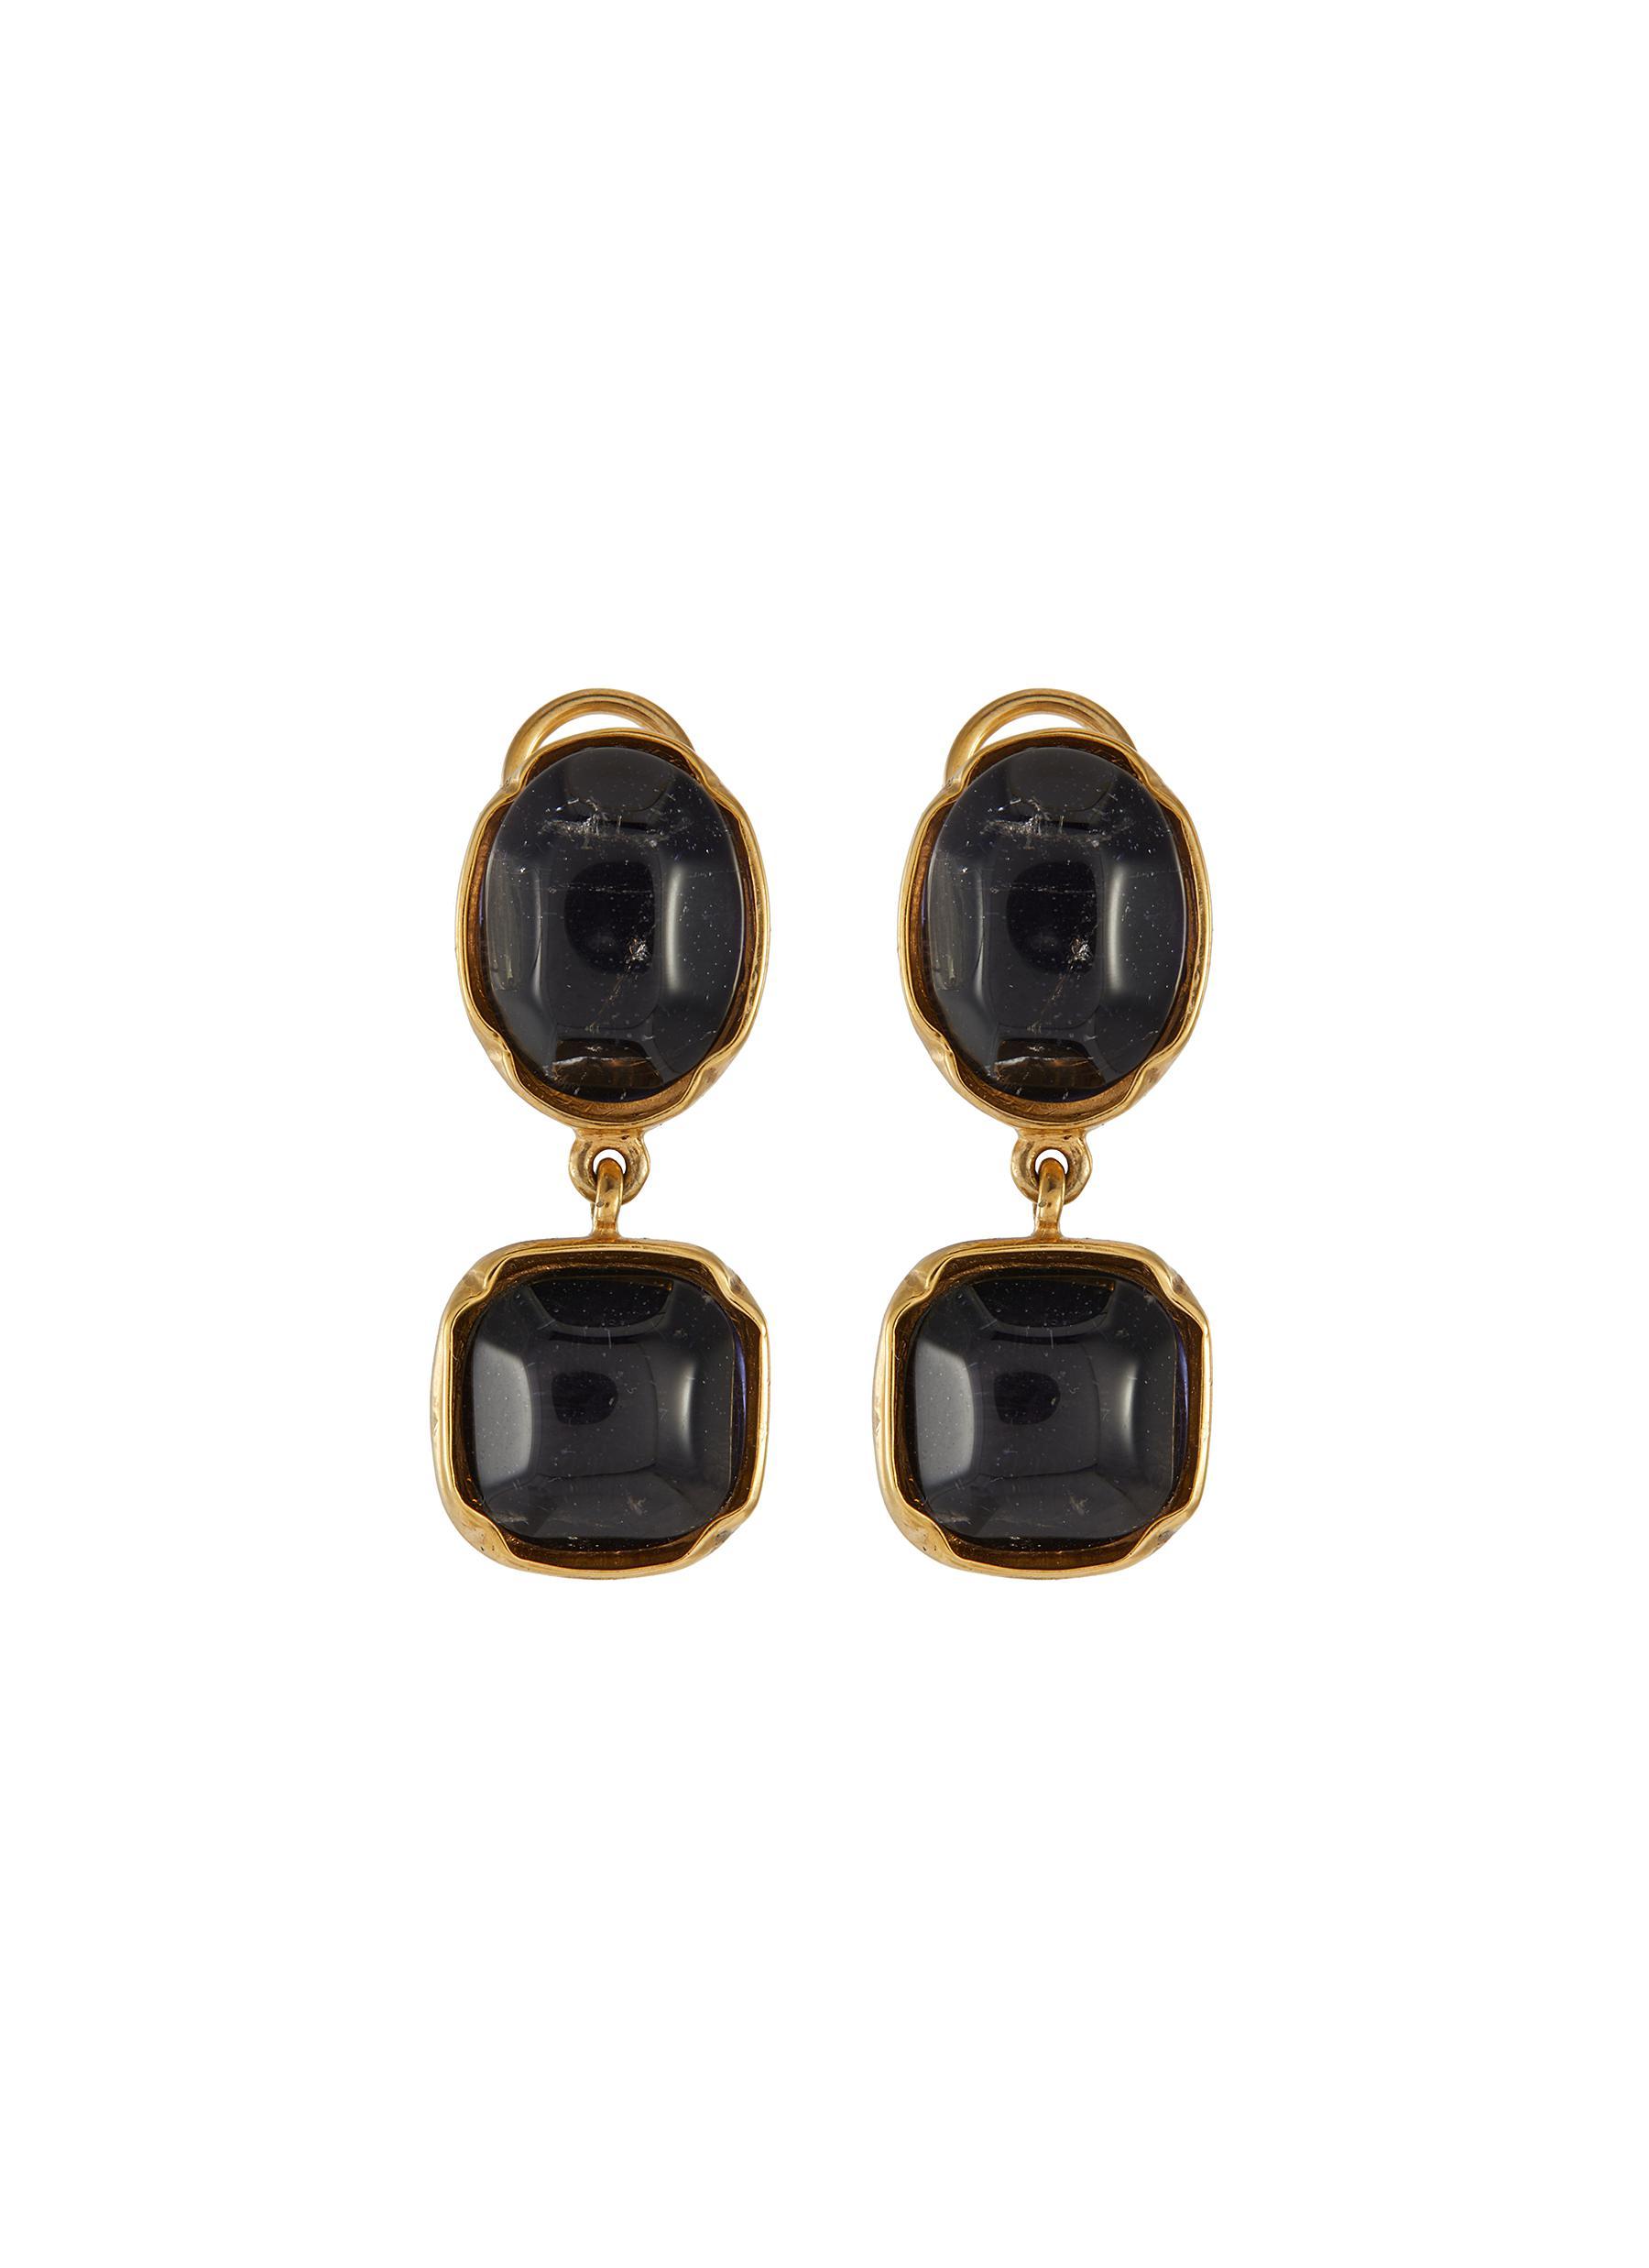 Cabochon bead clip drop earrings